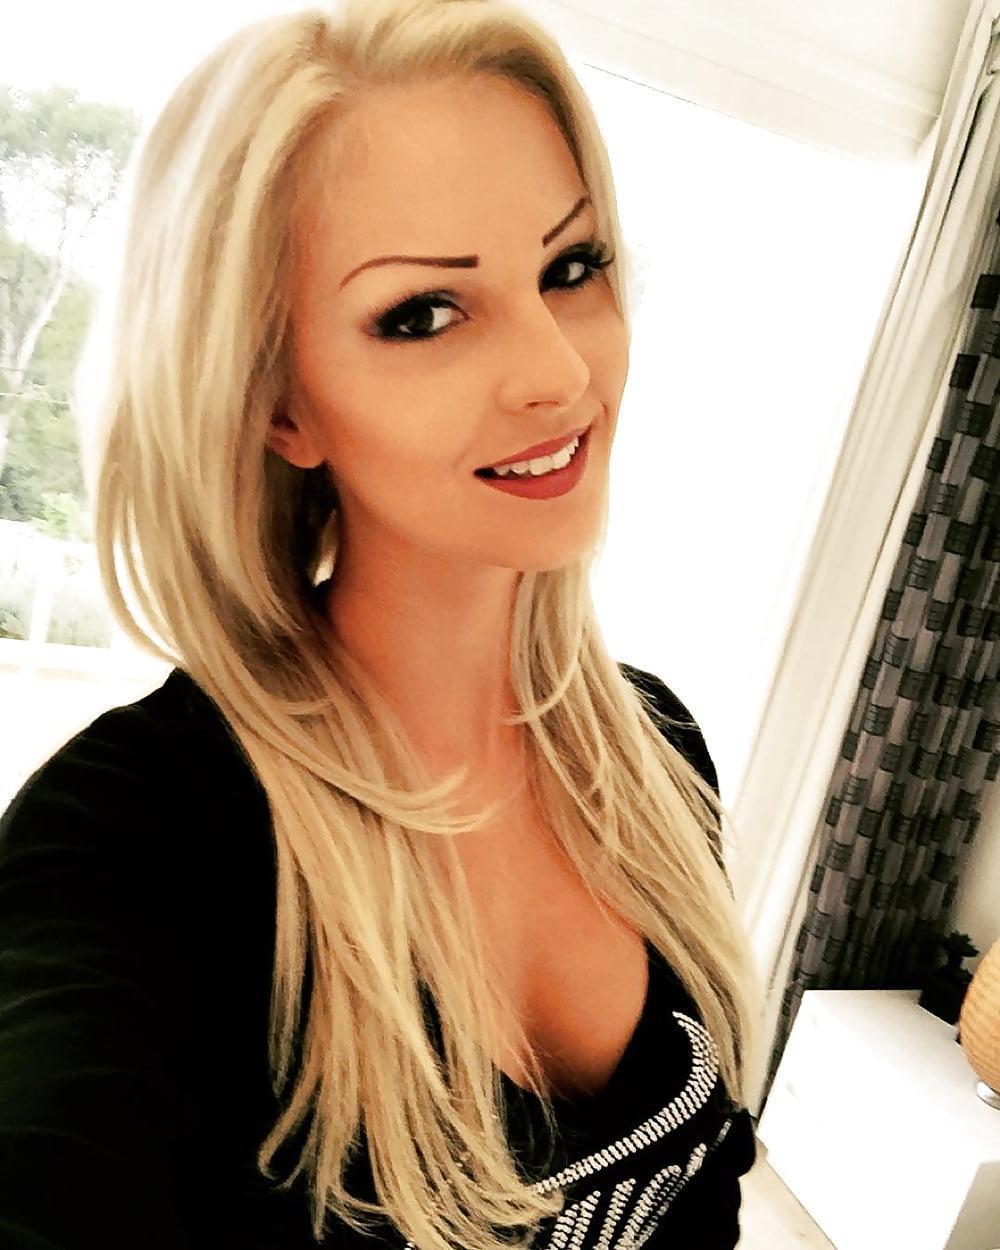 sweet blond aus Nordrhein-Westfalen,Deutschland